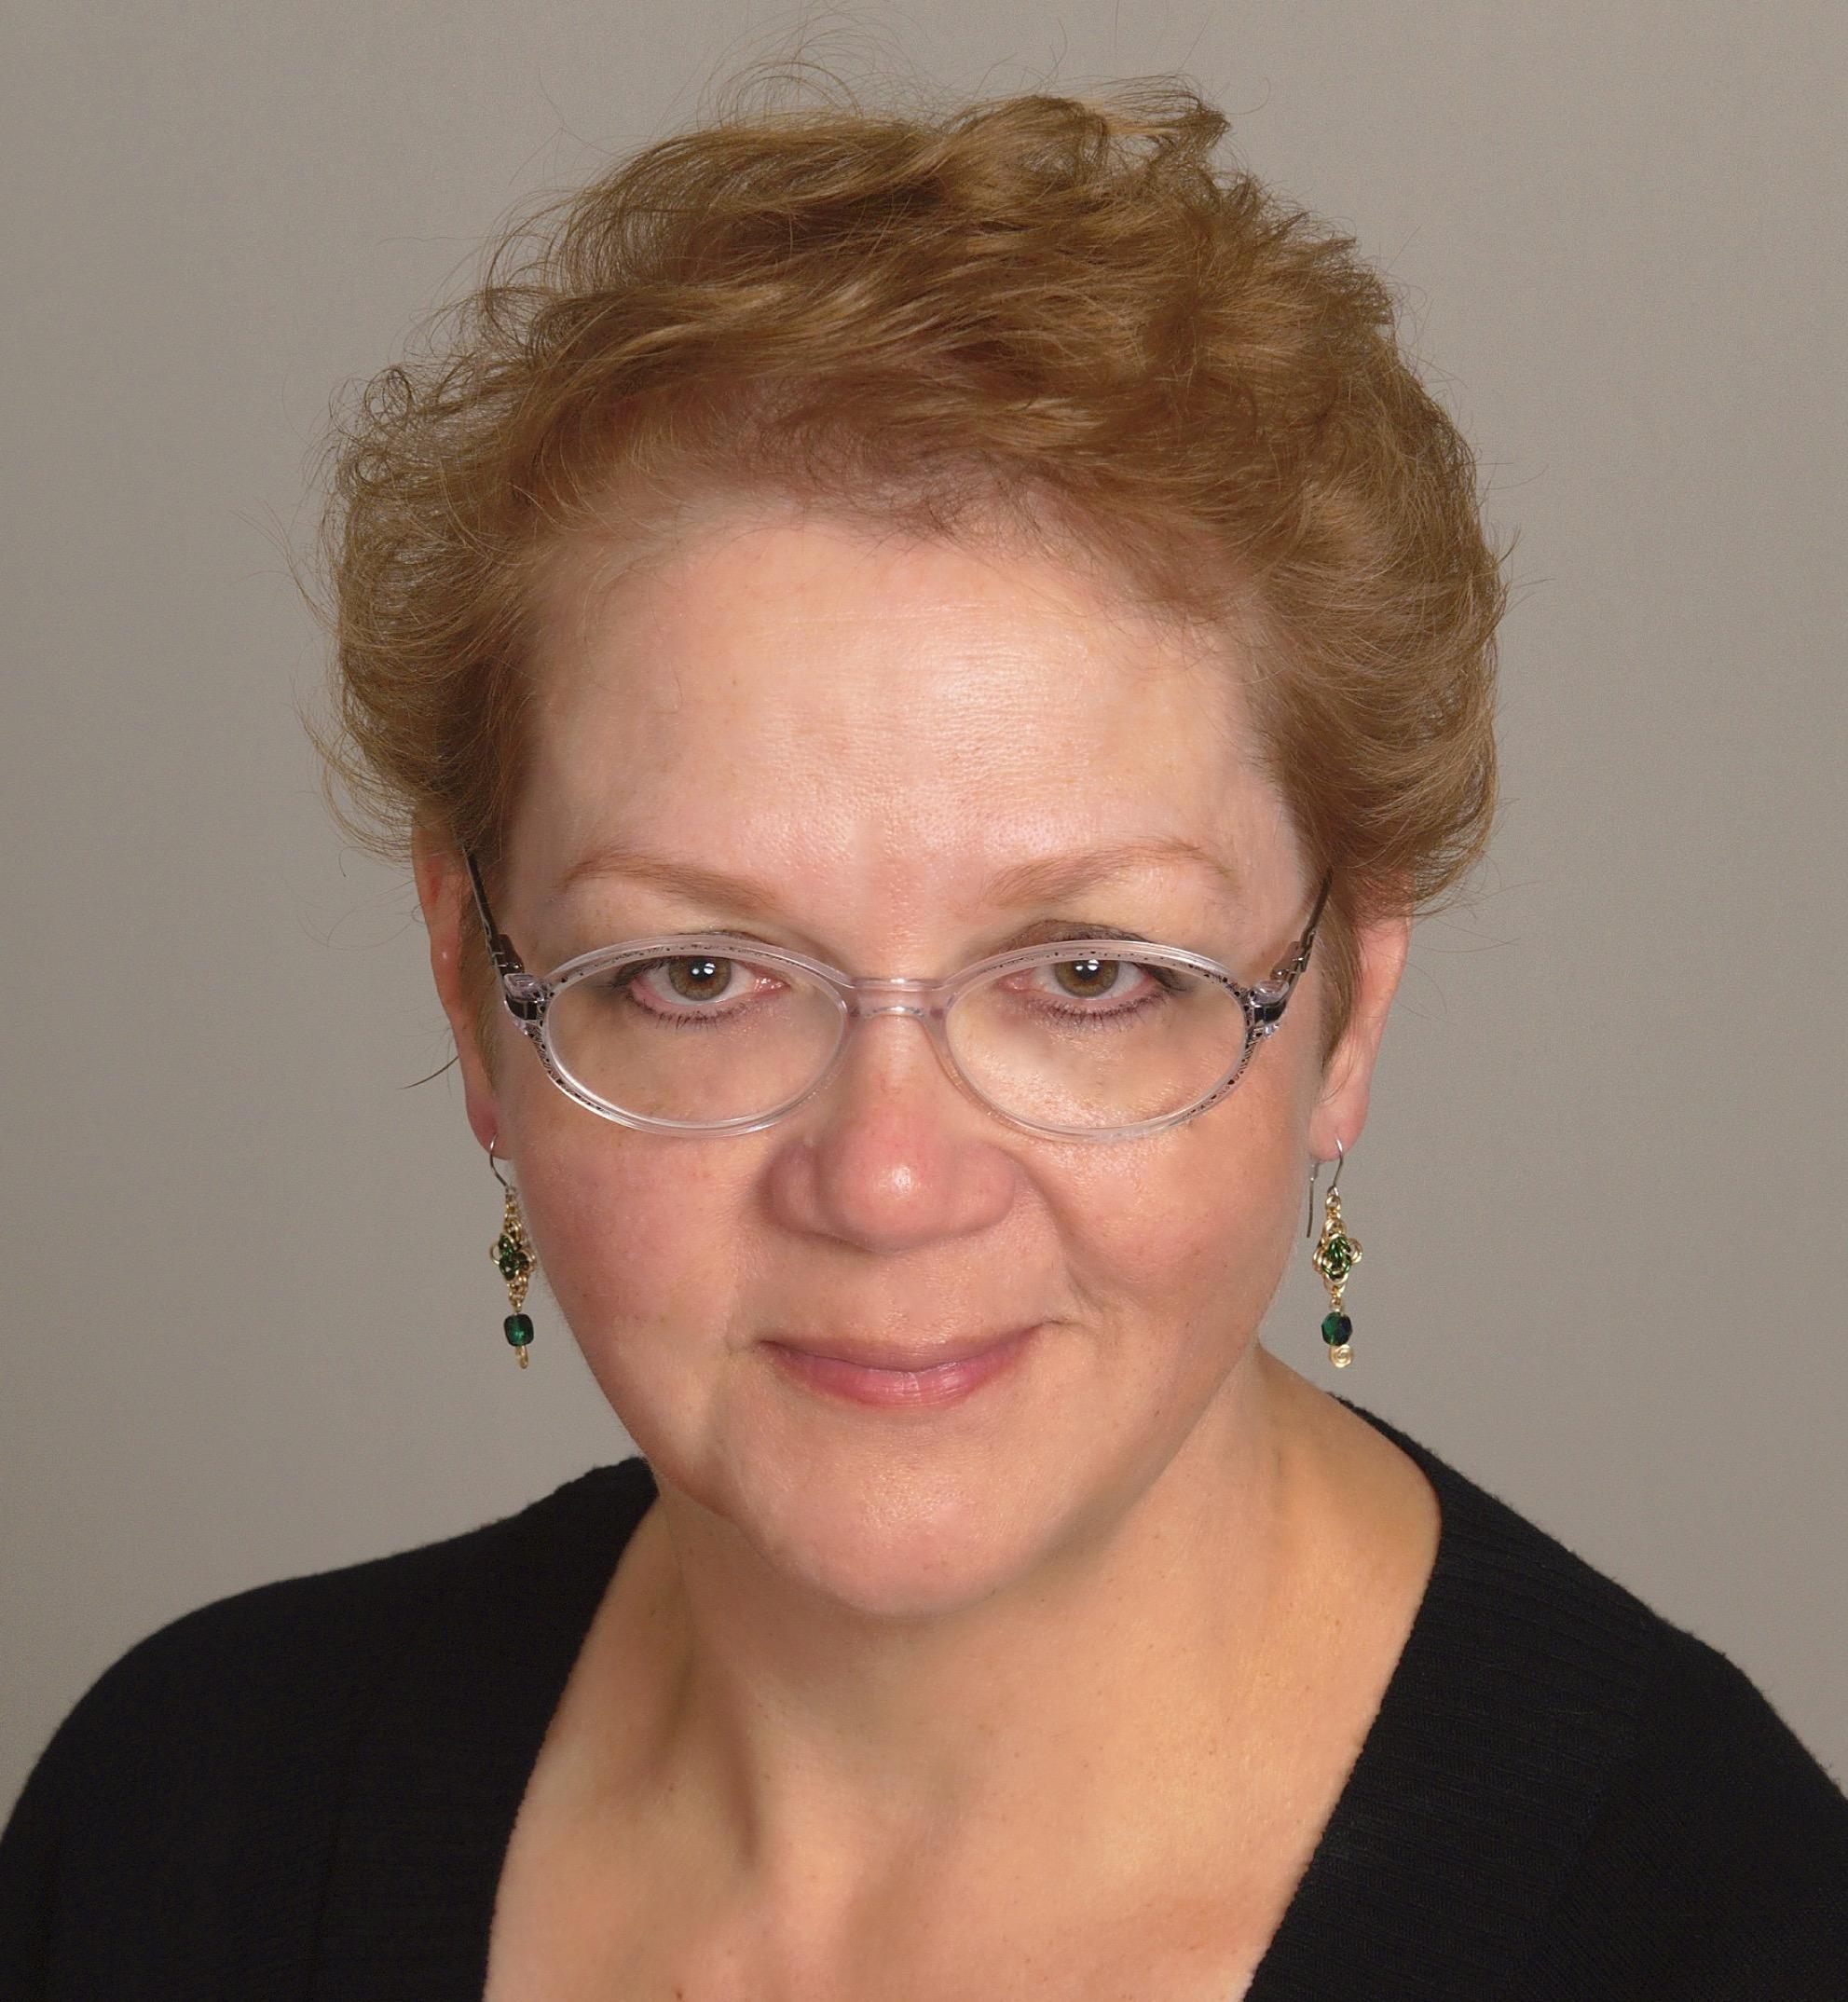 Elaine Cunningham